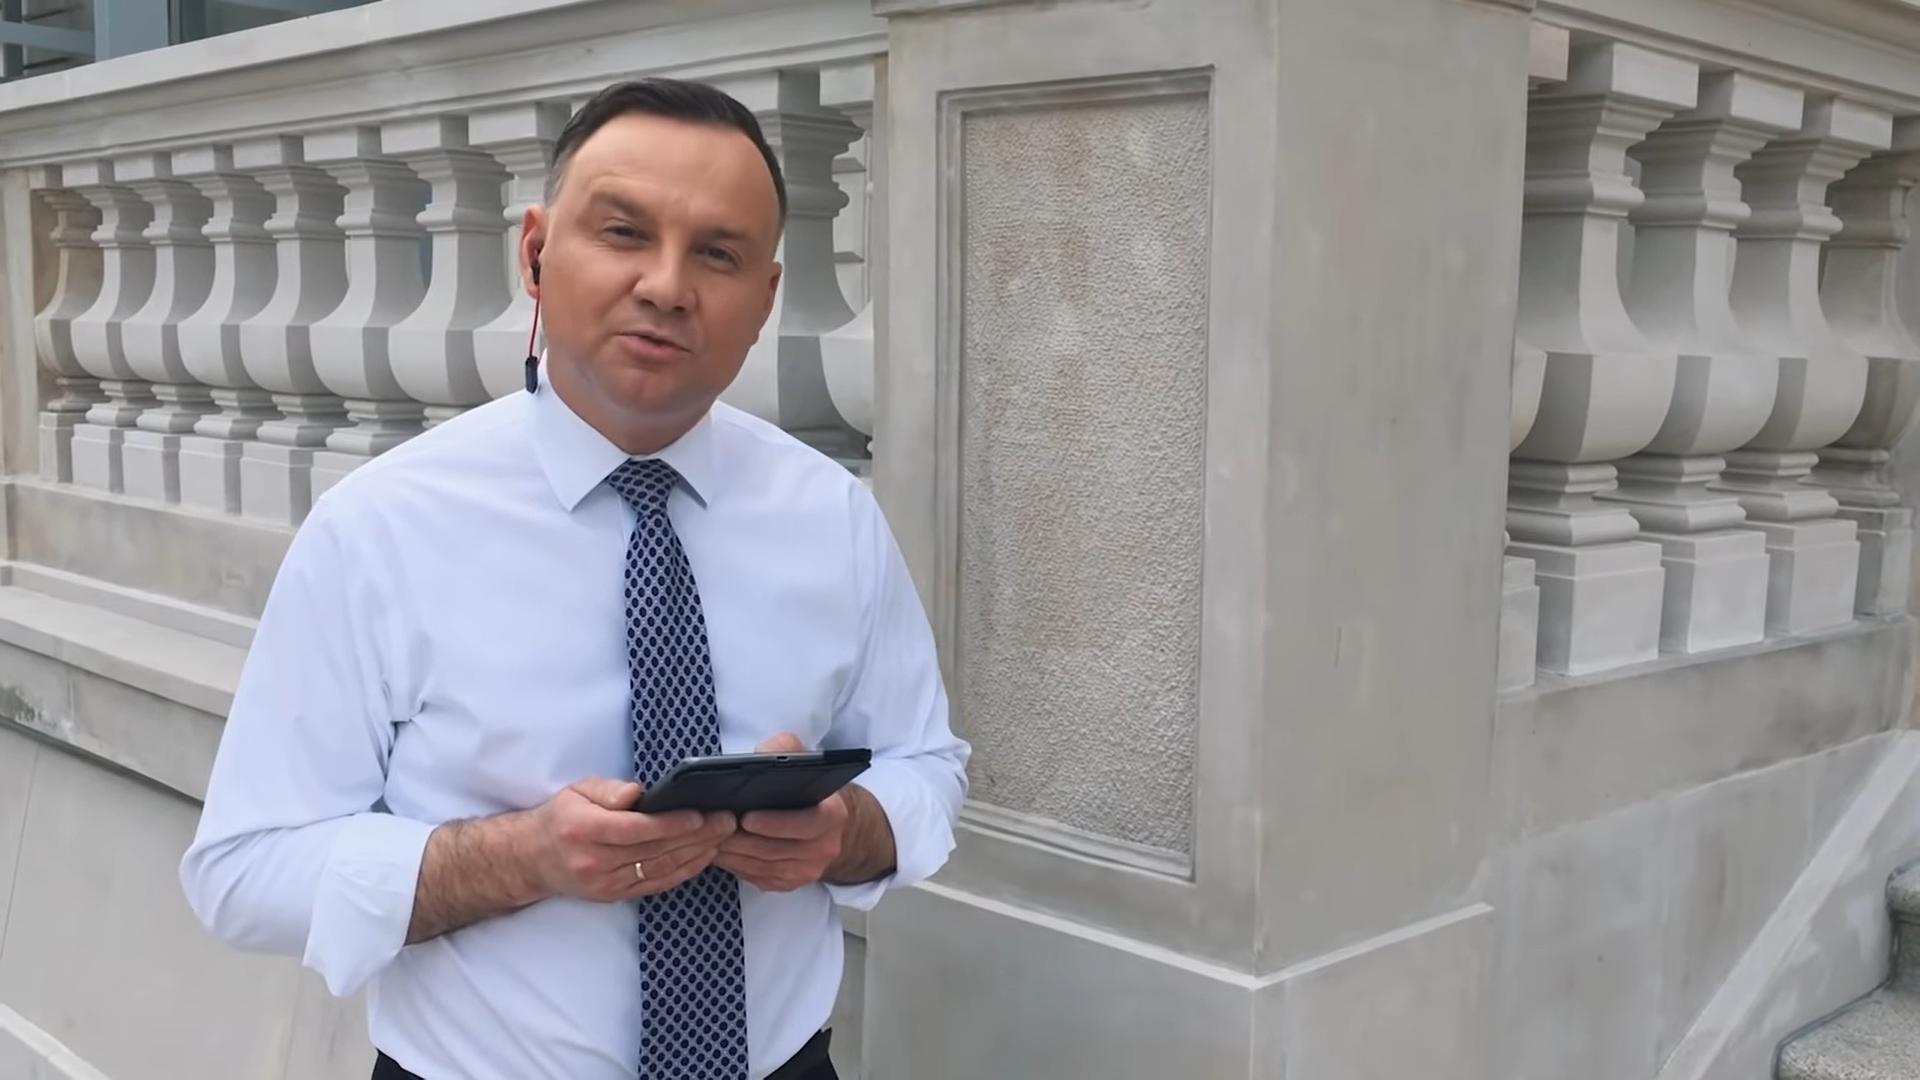 A koronavírus elleni küzdelemről rappel Andrzej Duda, Lengyelország köztársasági elnöke